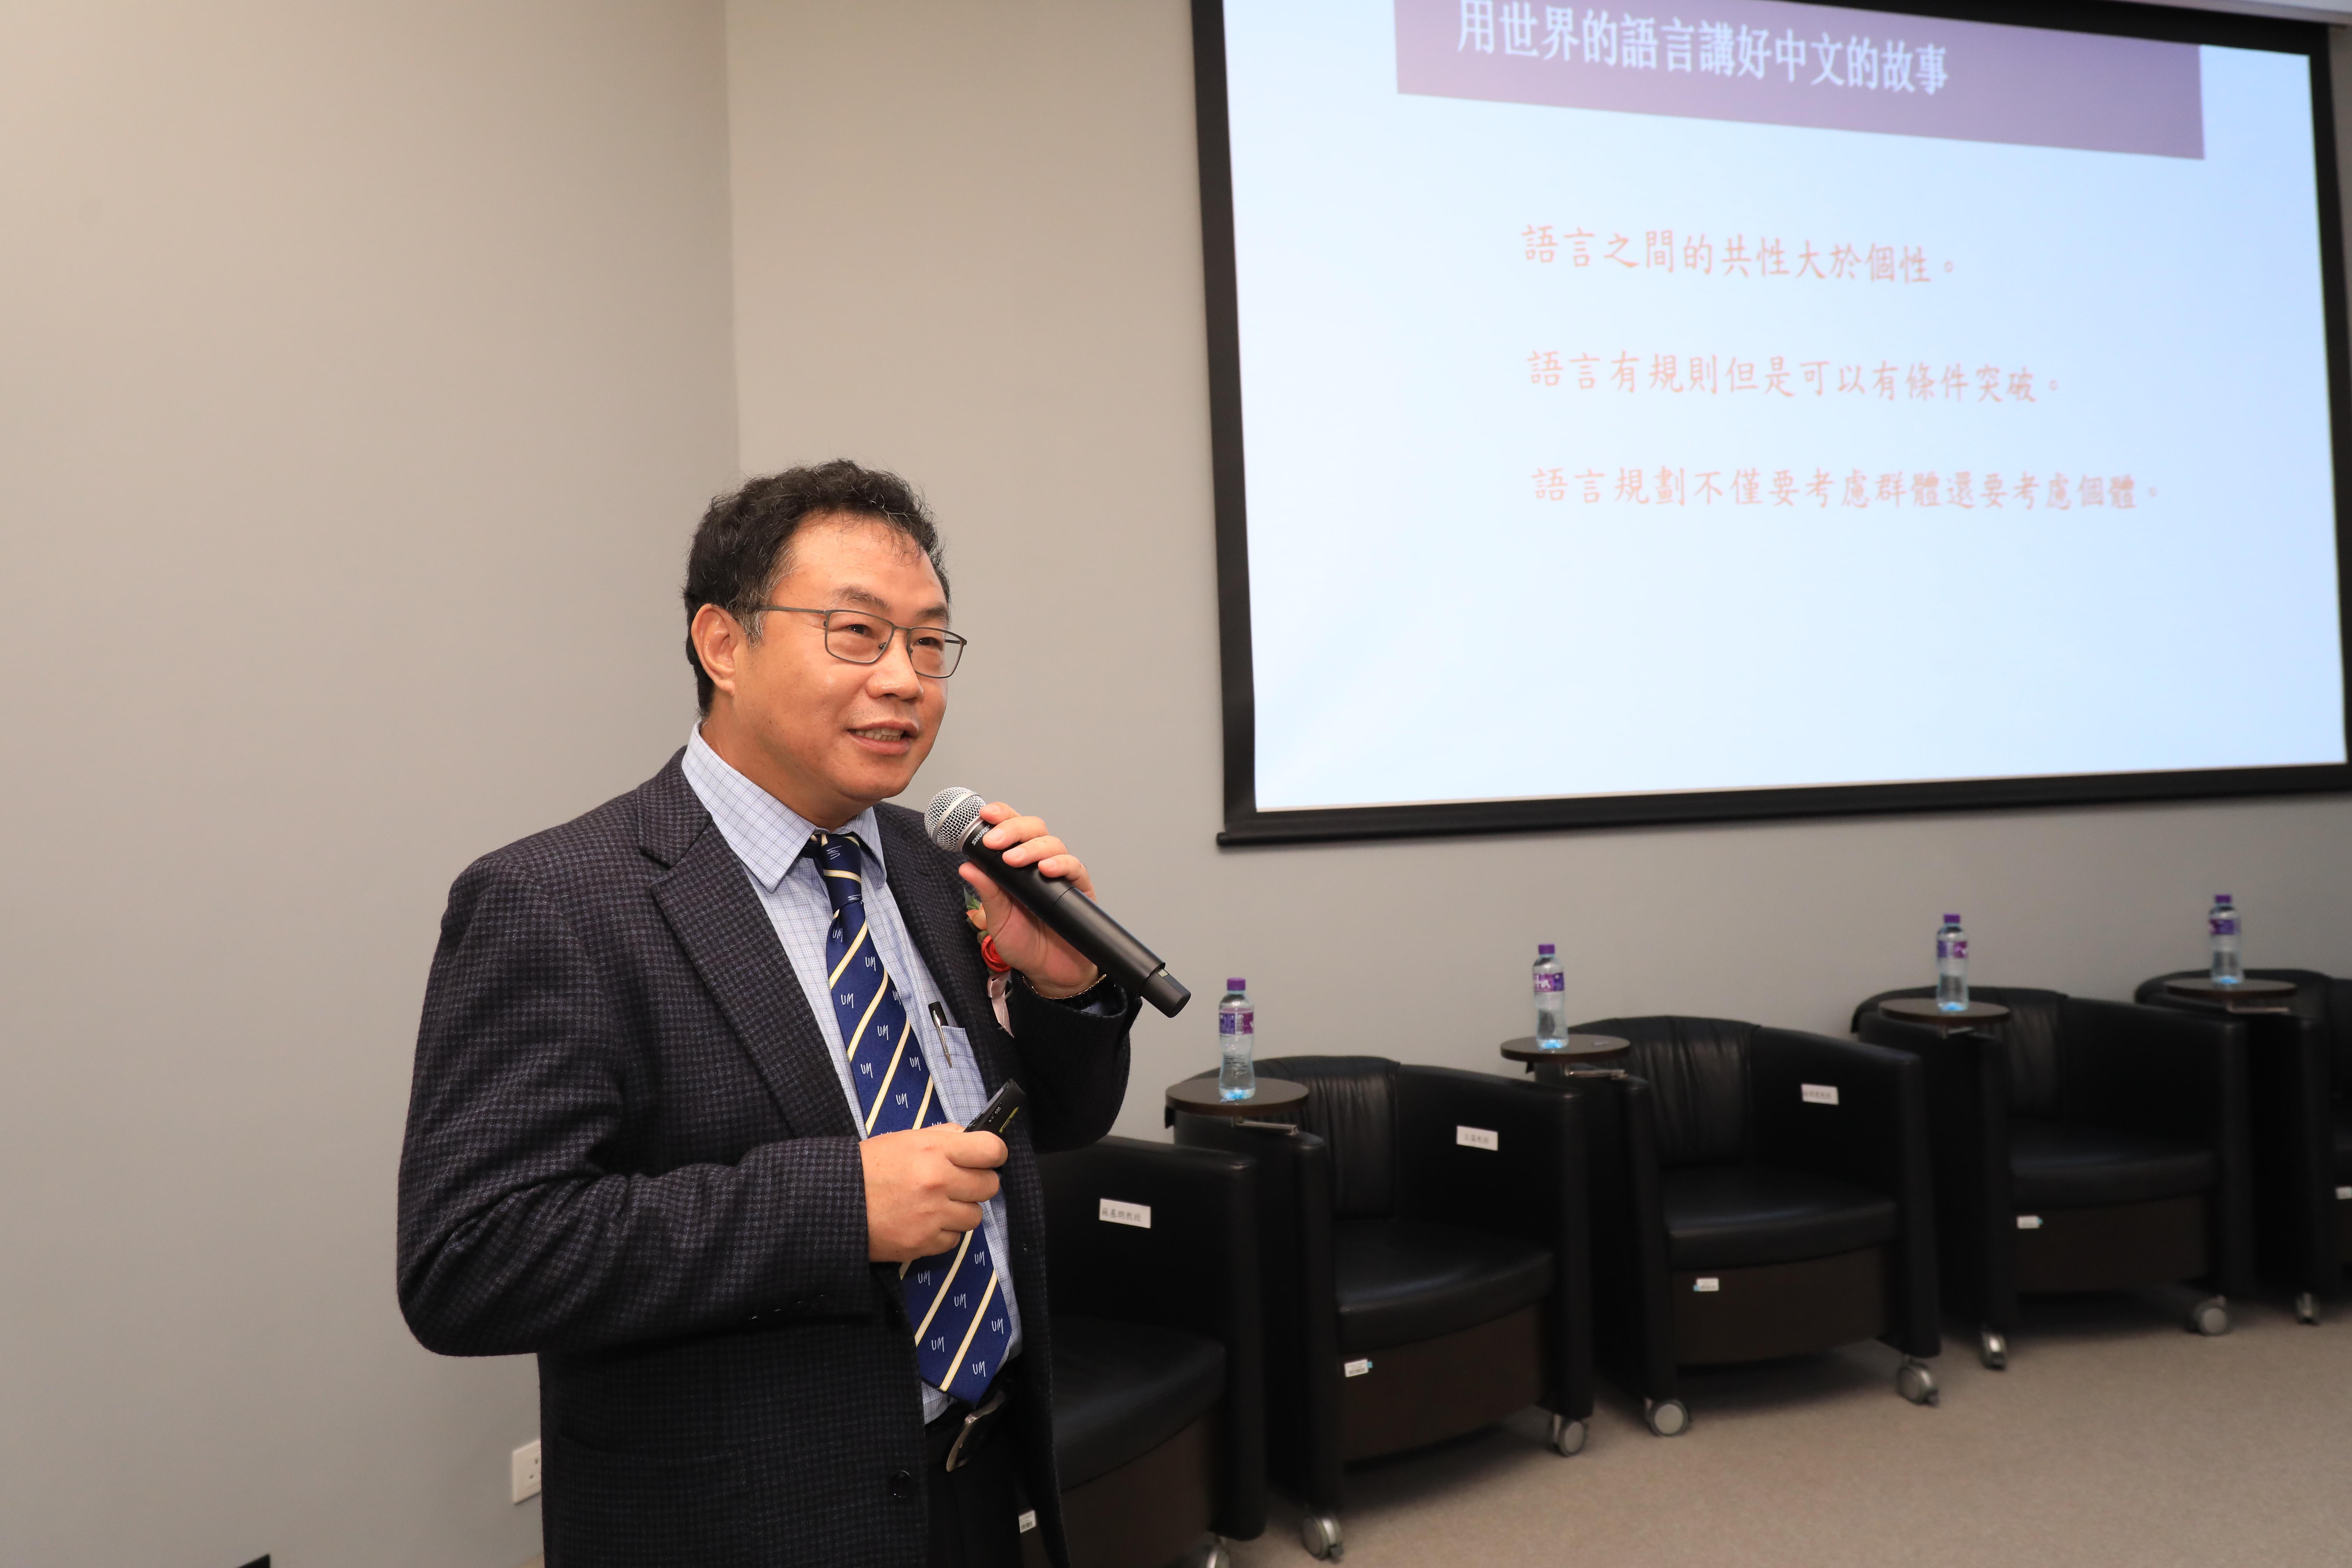 Prof Xu Jie gives a keynote speech